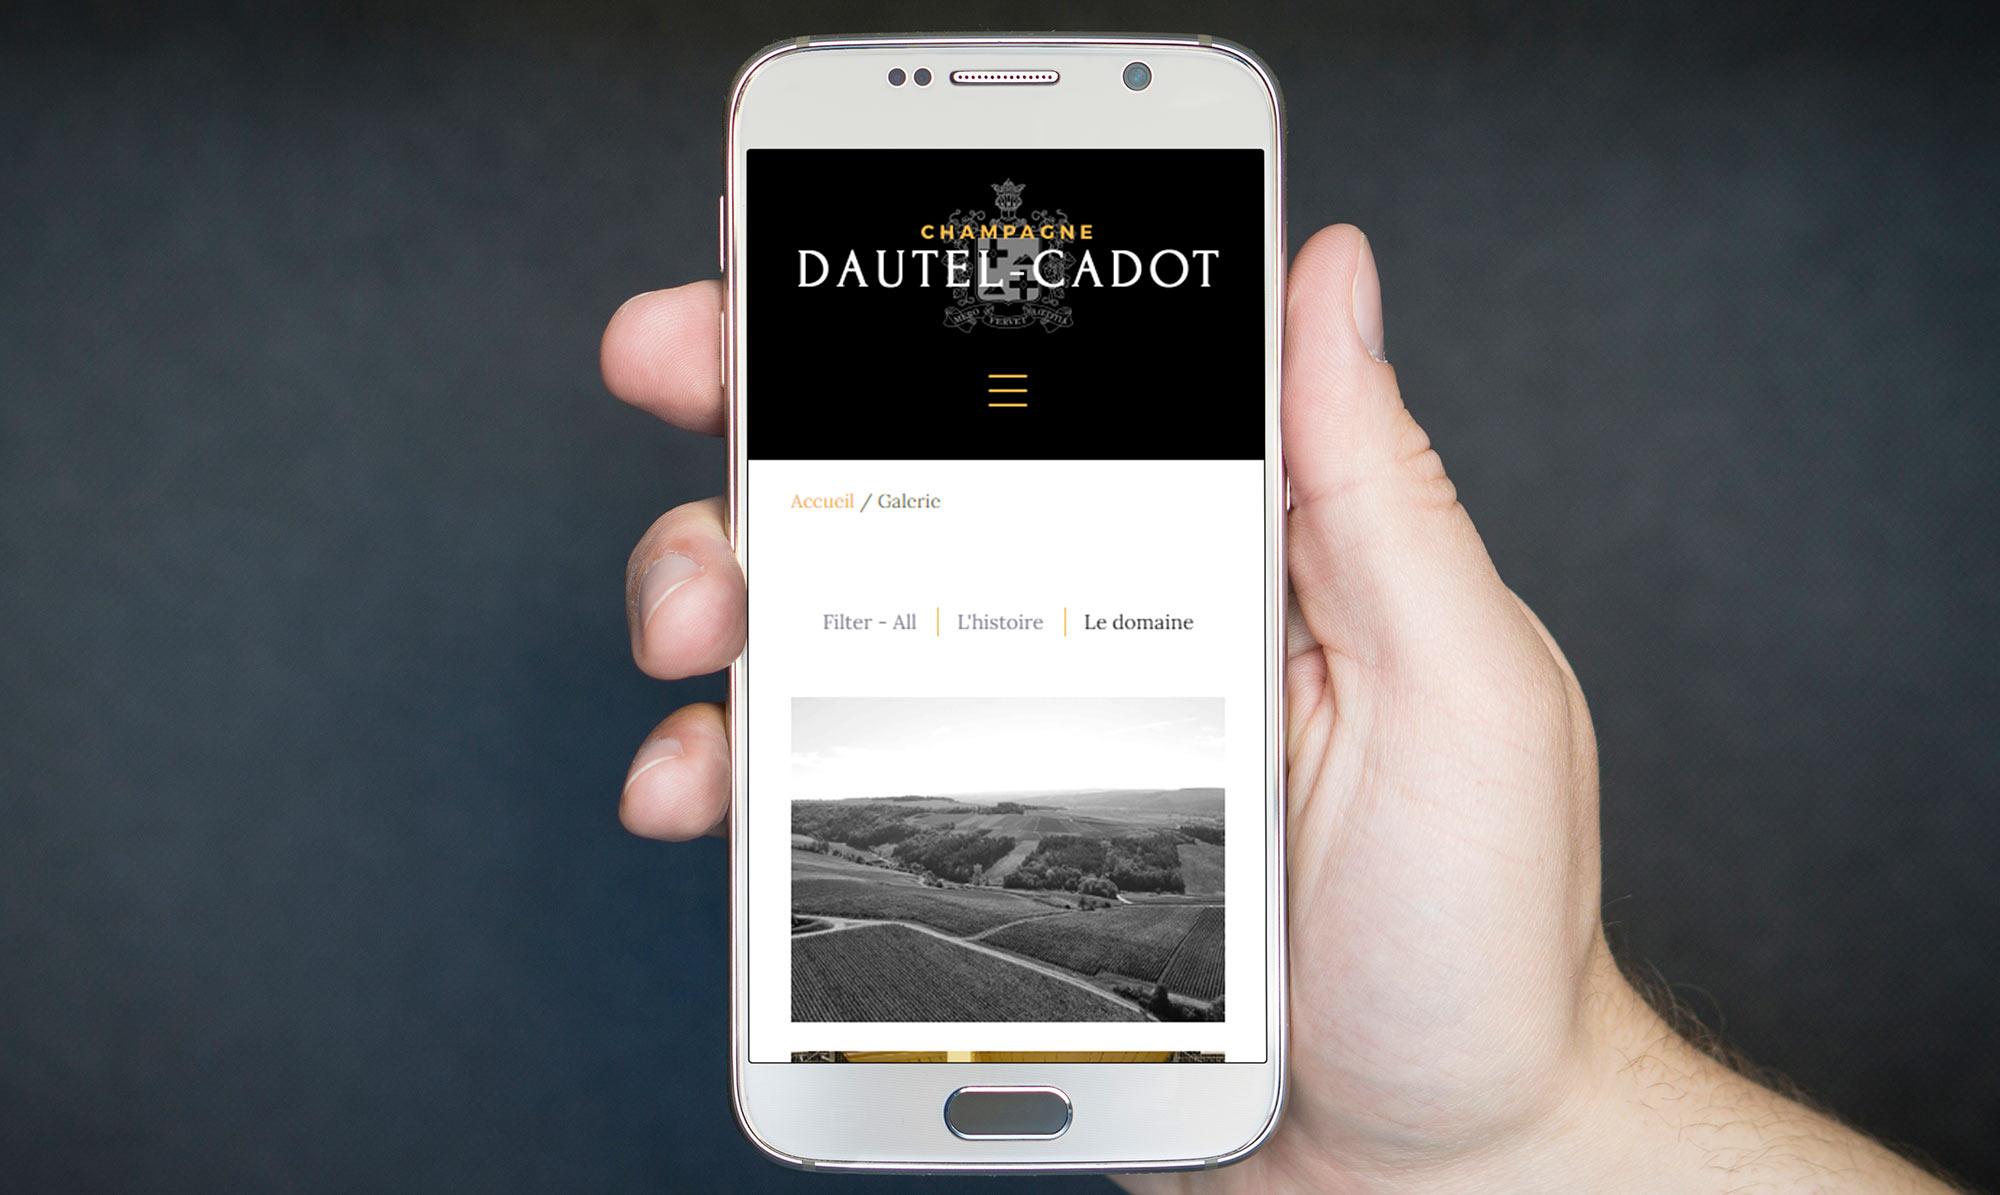 ikadia_dautel-cadot_fond2.jpg